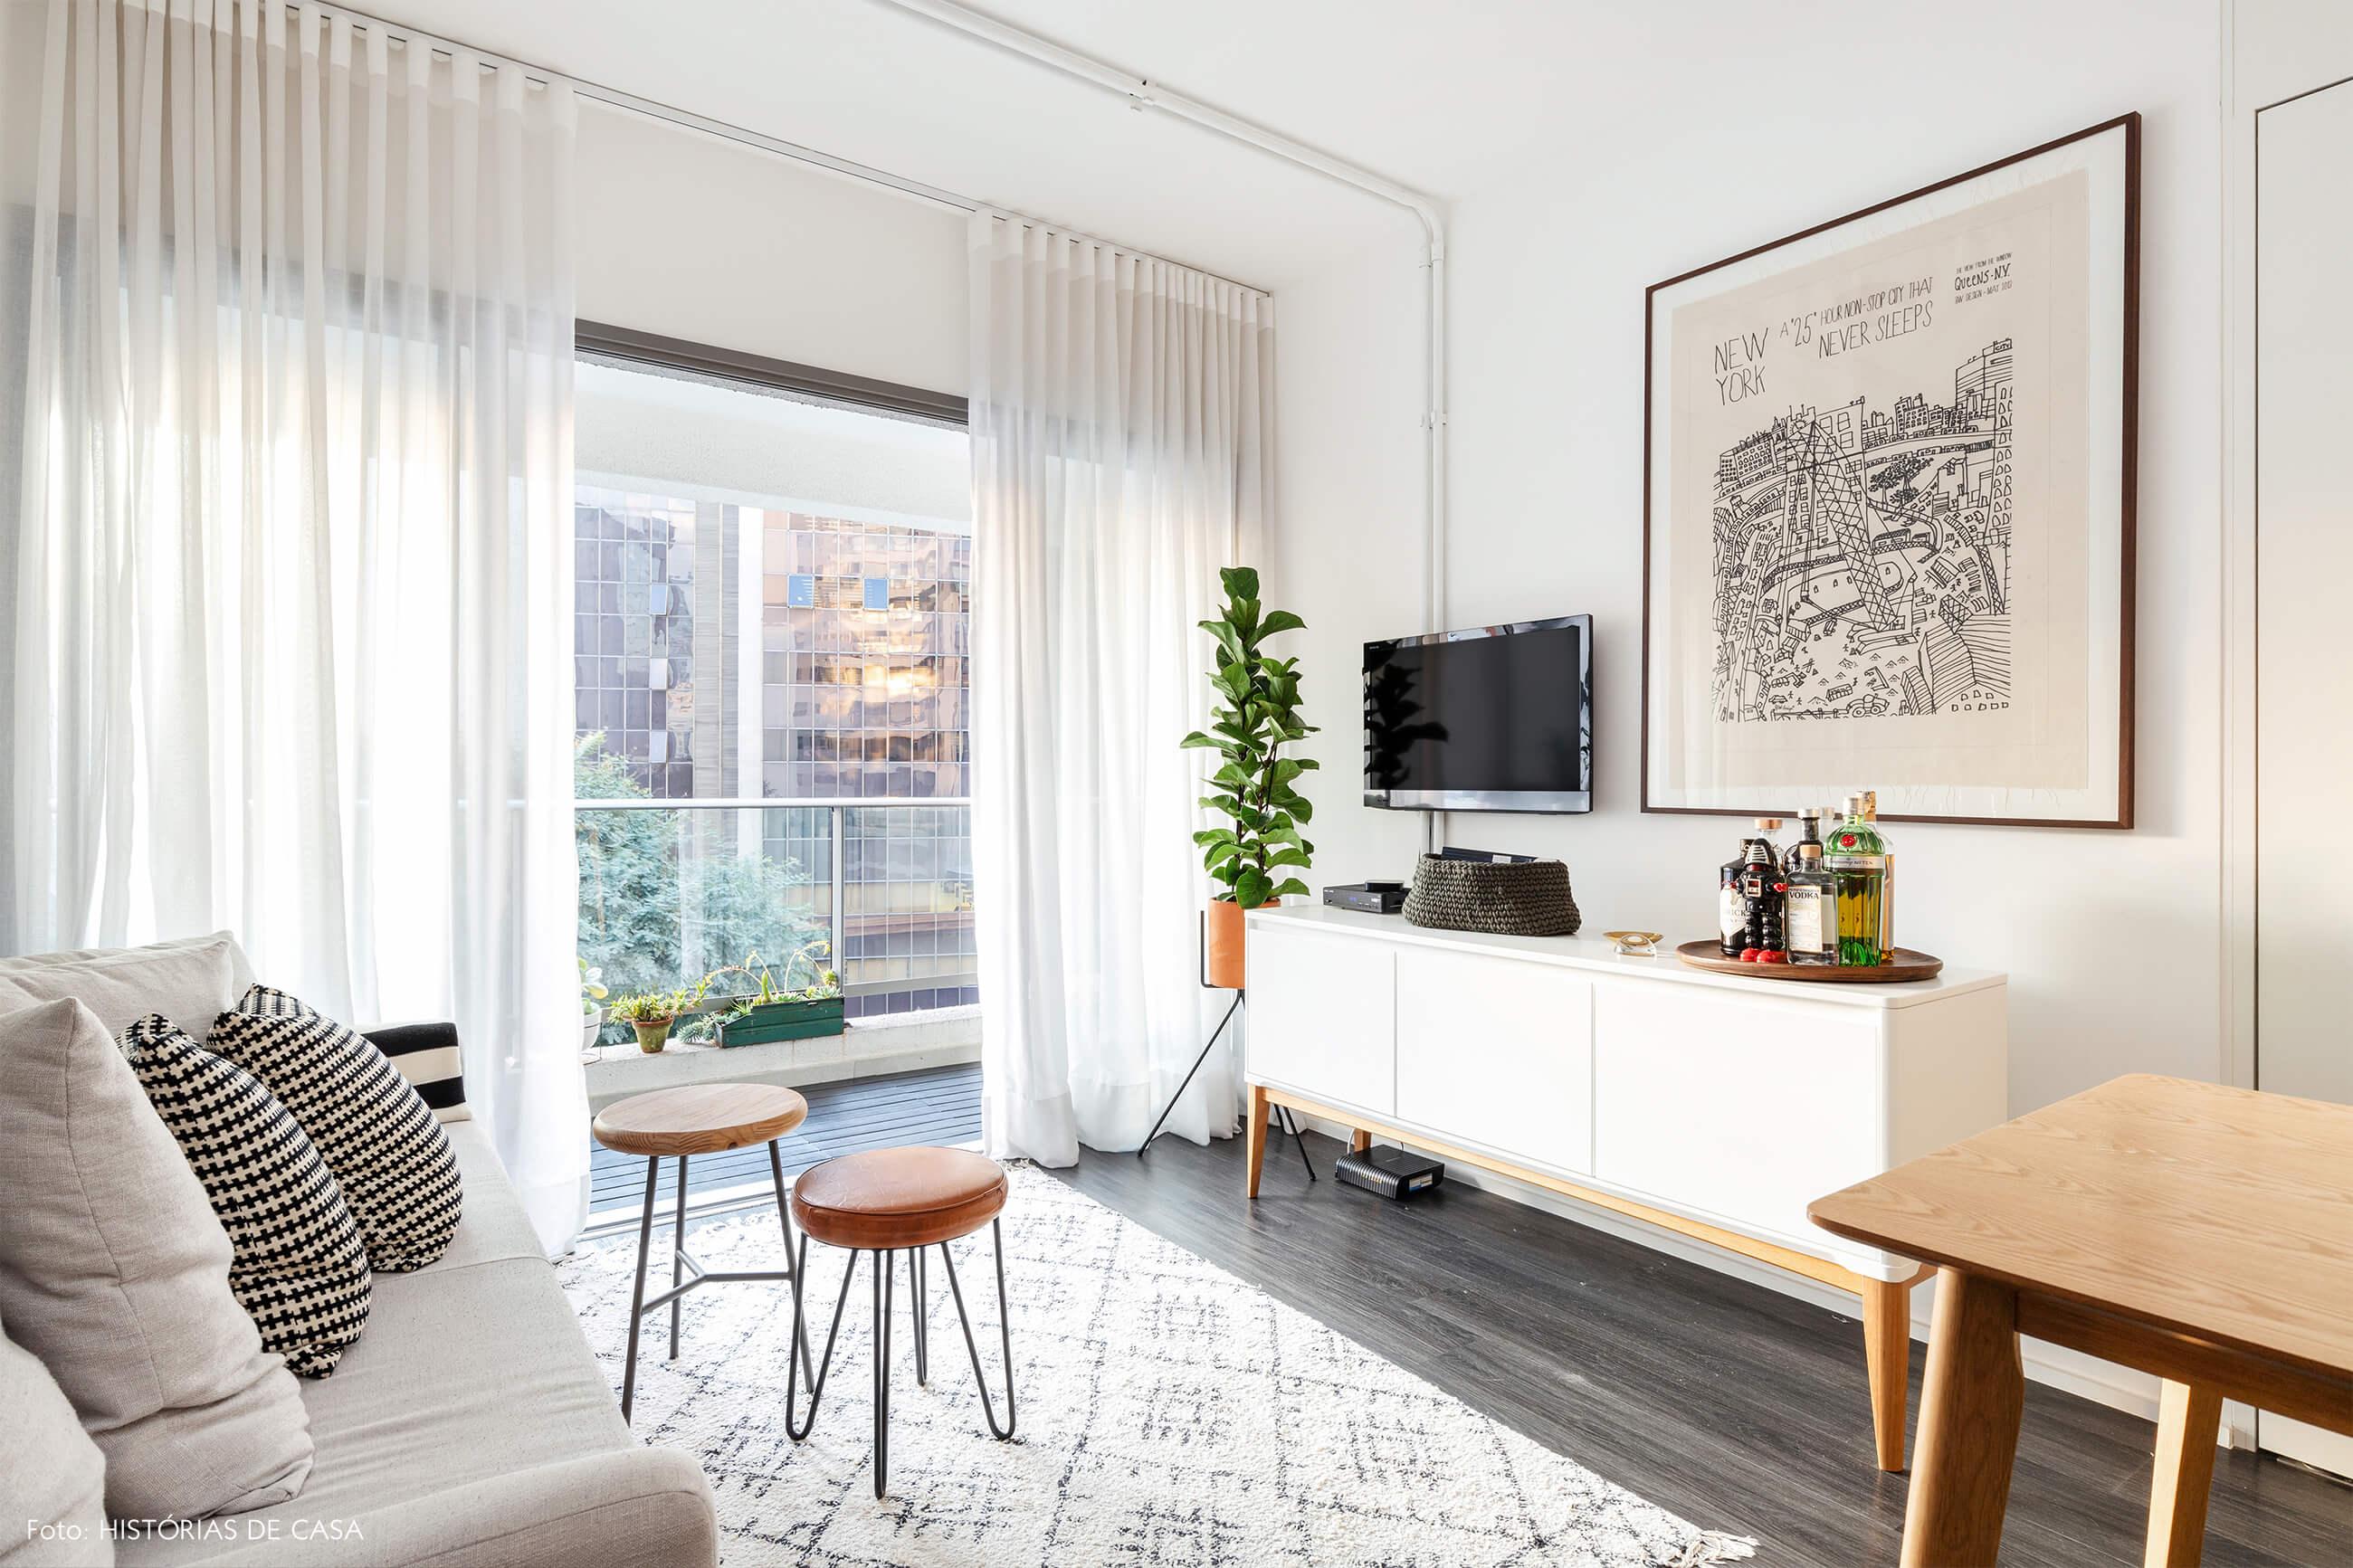 Sala com tapete branco e sofá cinza com quadro e planta